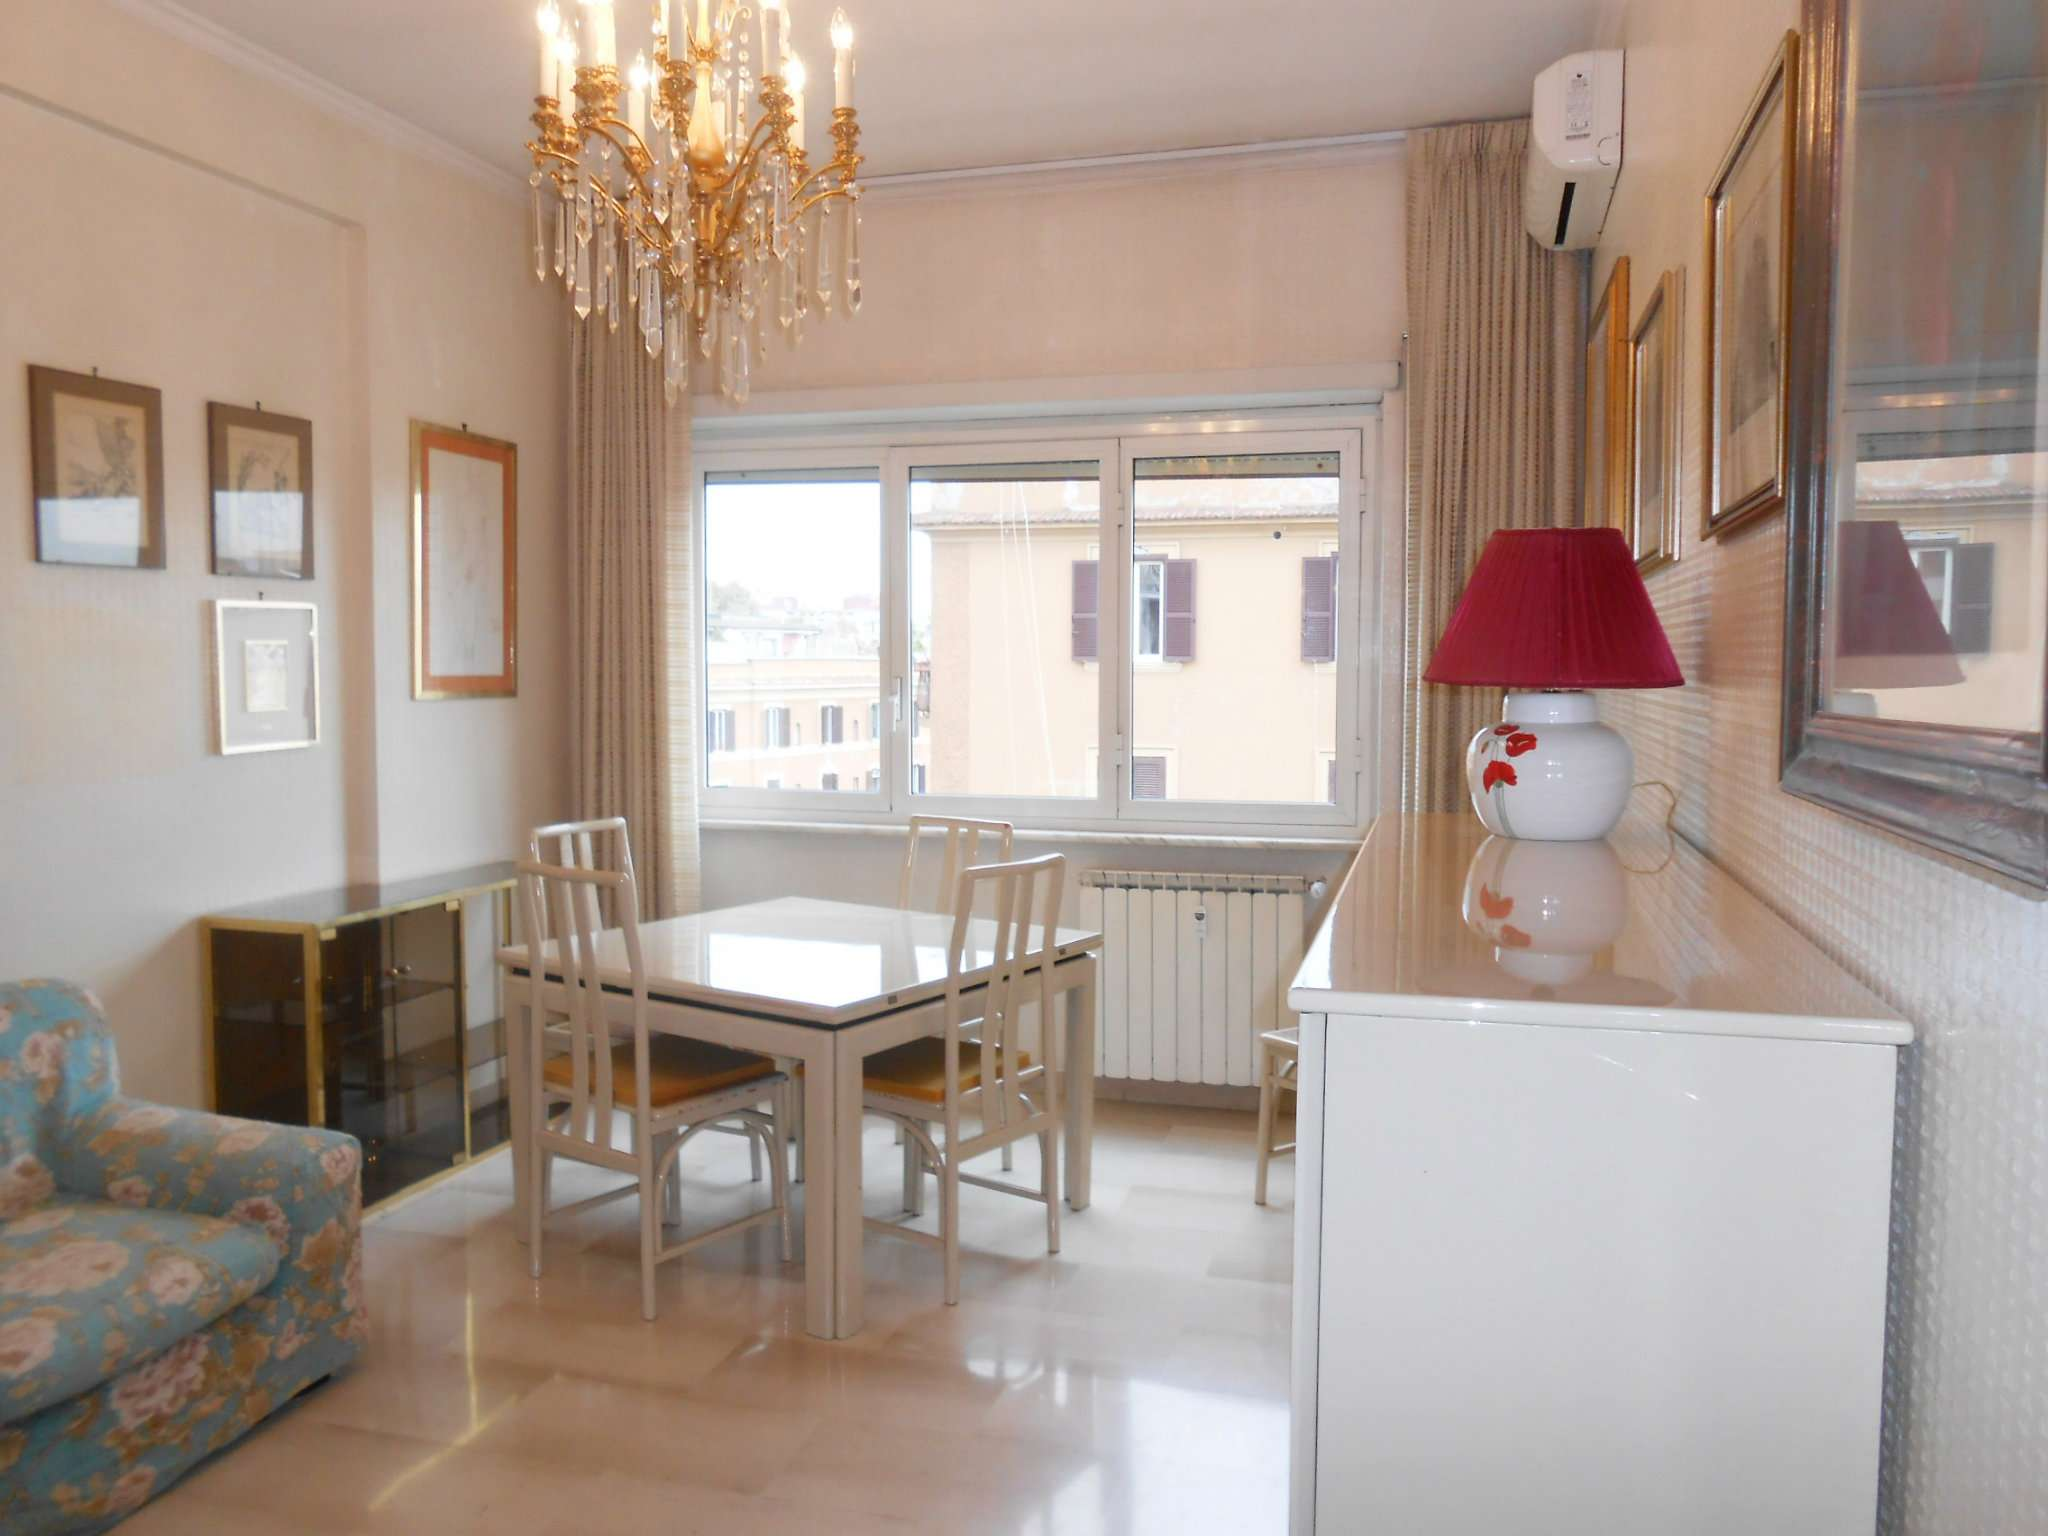 Appartamento in vendita a Roma, 3 locali, zona Zona: 10 . Pigneto, Largo Preneste, prezzo € 199.000 | CambioCasa.it